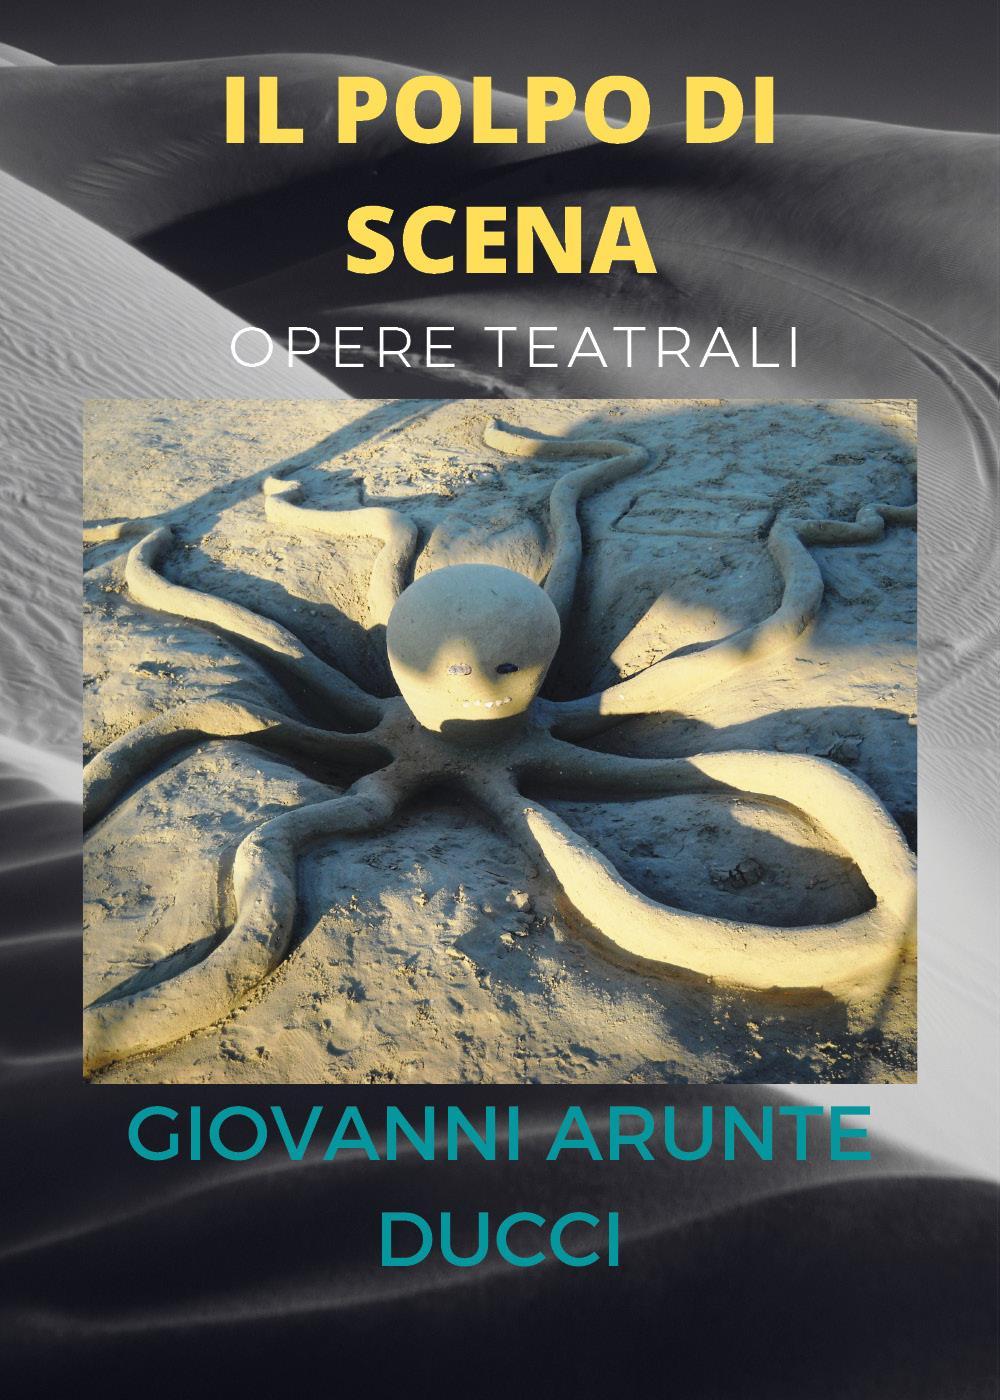 IL POLPO DI SCENA - opere teatrali